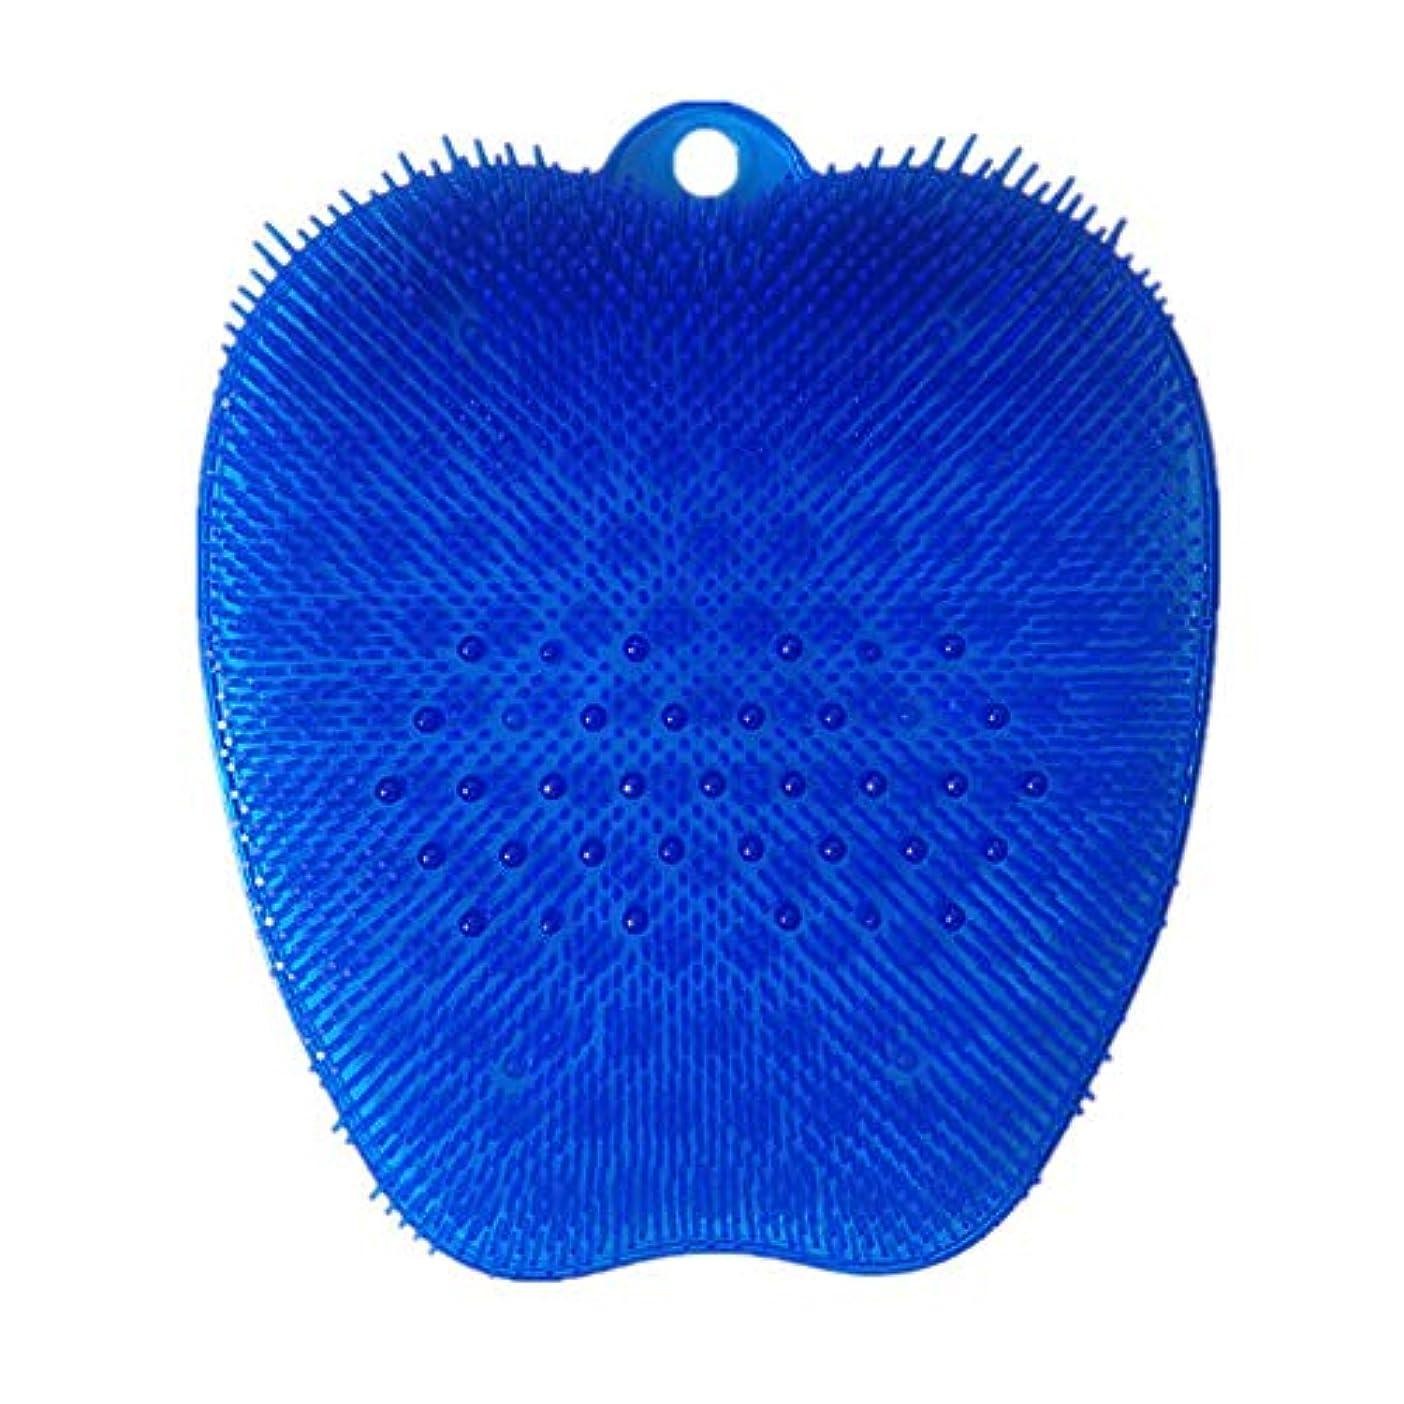 召喚するそれにもかかわらず誘惑足洗いブラシ 滑らない吸盤付き ブルー フットケア フットブラシ 角質ケアブラシ お風呂で使える